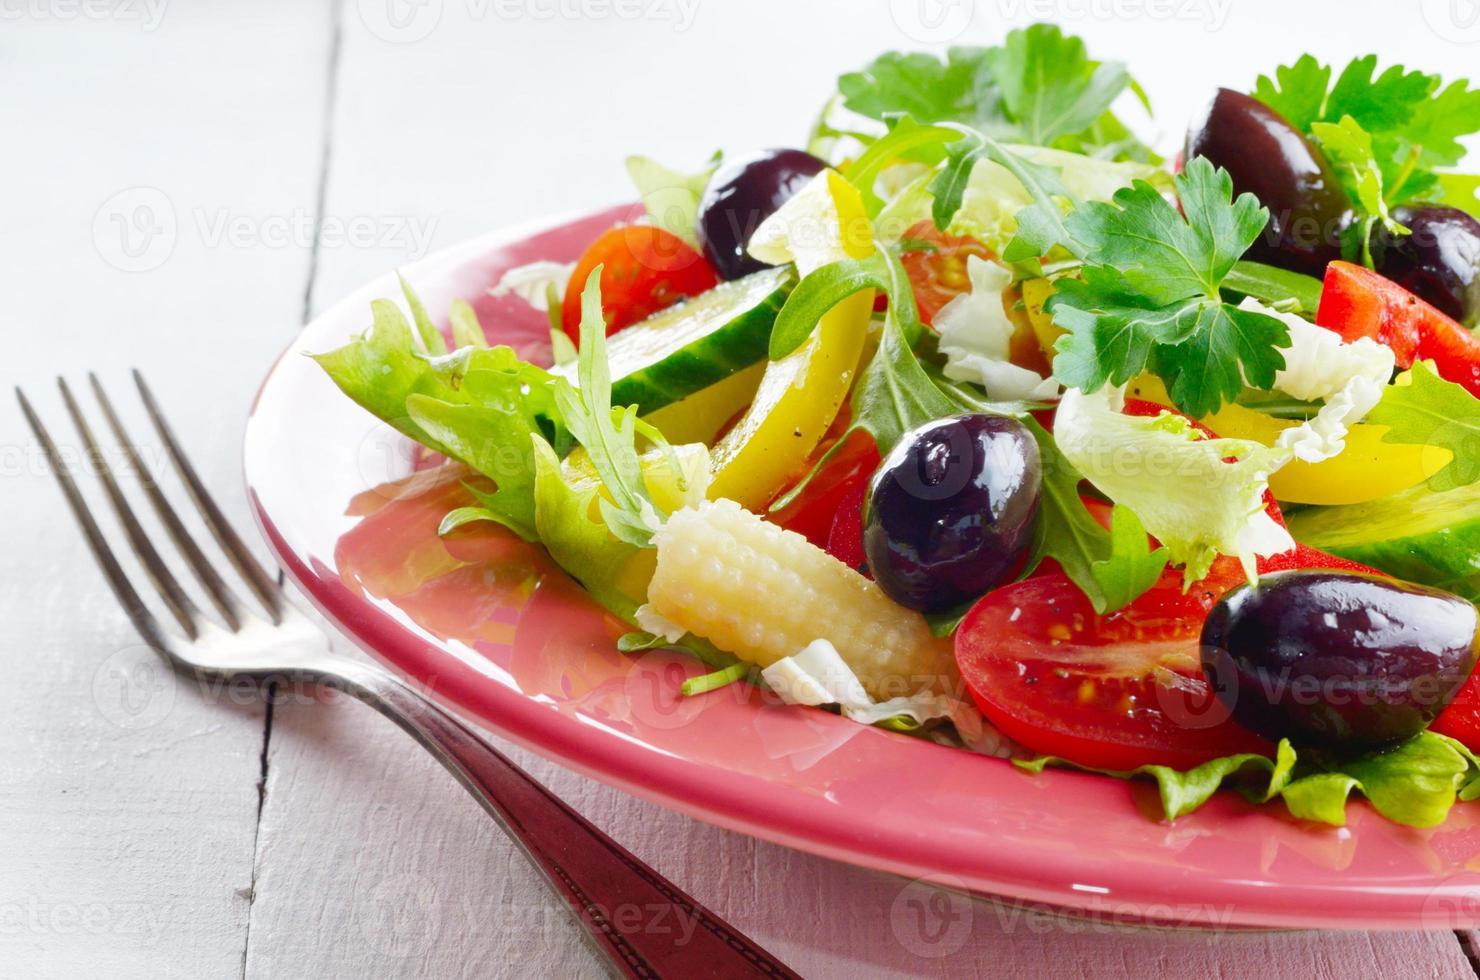 gezonde groente verse biologische salade foto